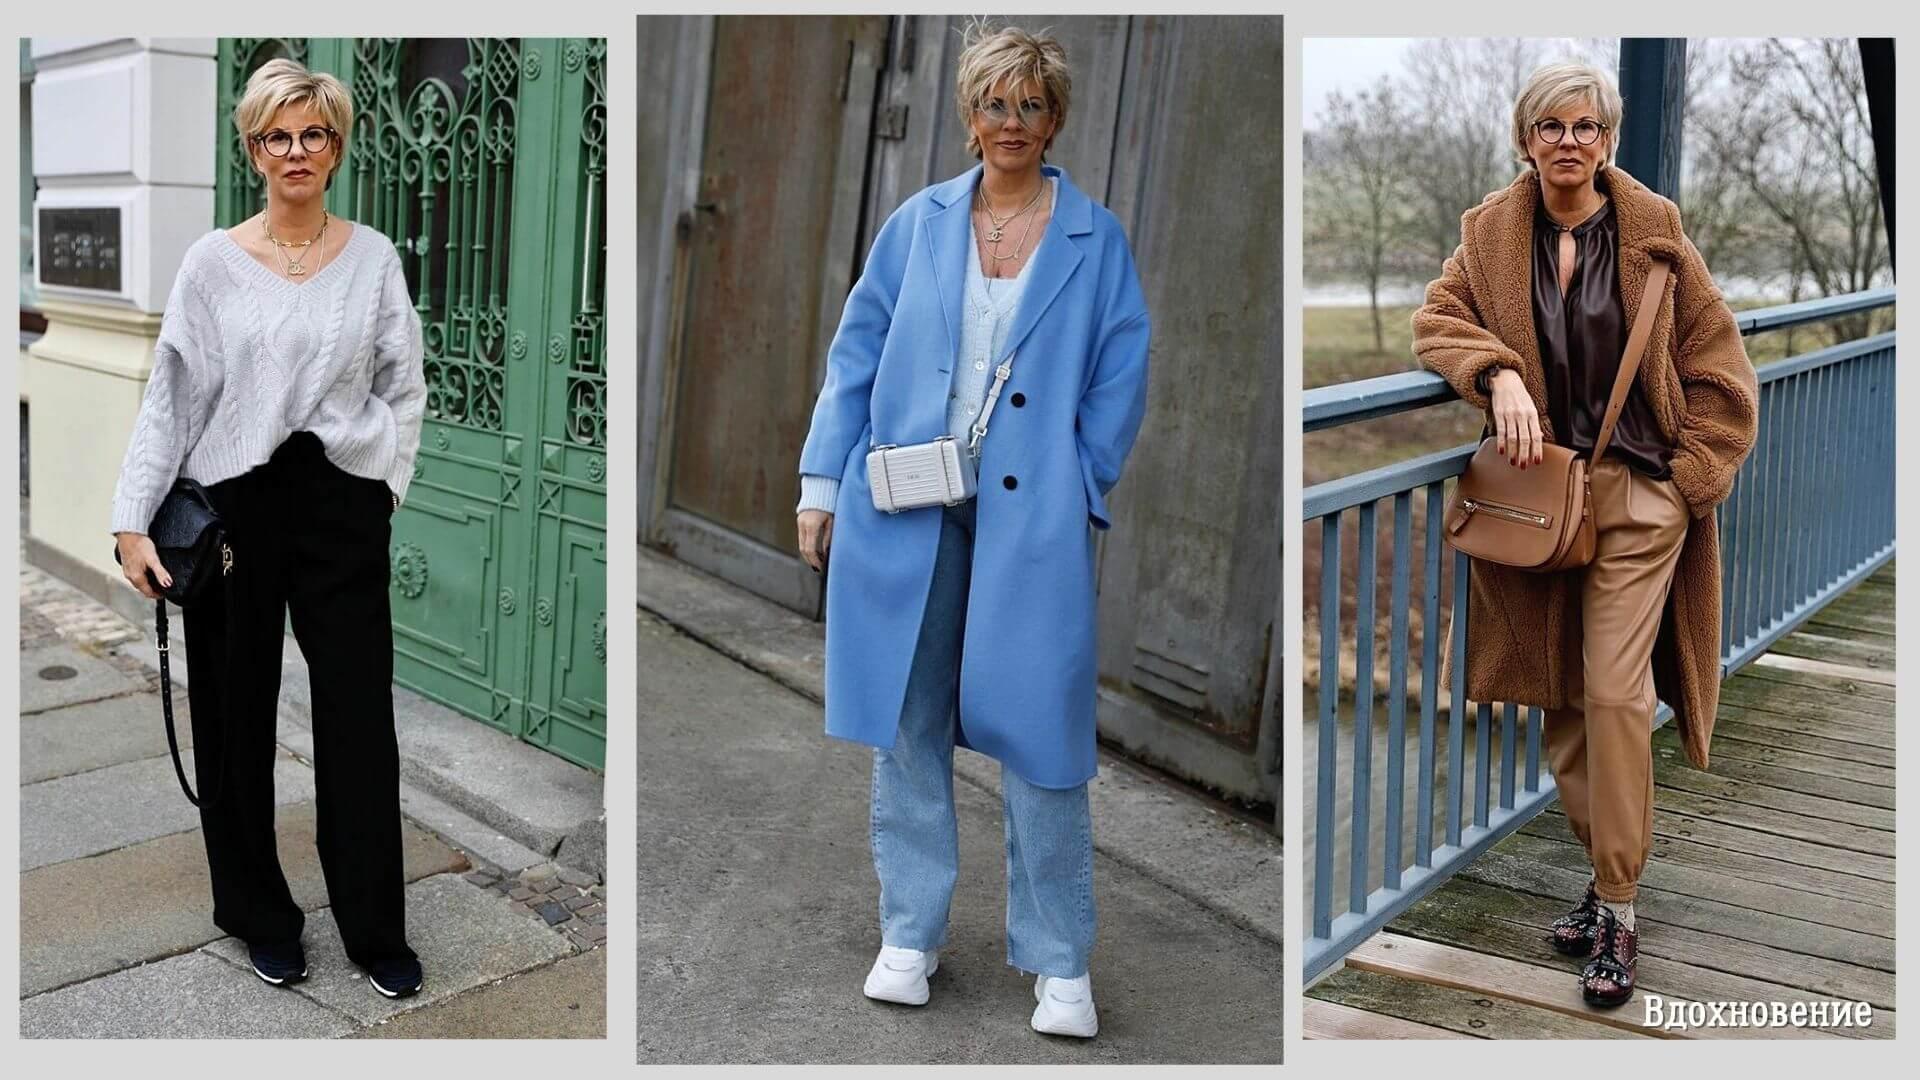 Как составить стильный образ на осень: модное вдохновение для женщин элегантного возраста